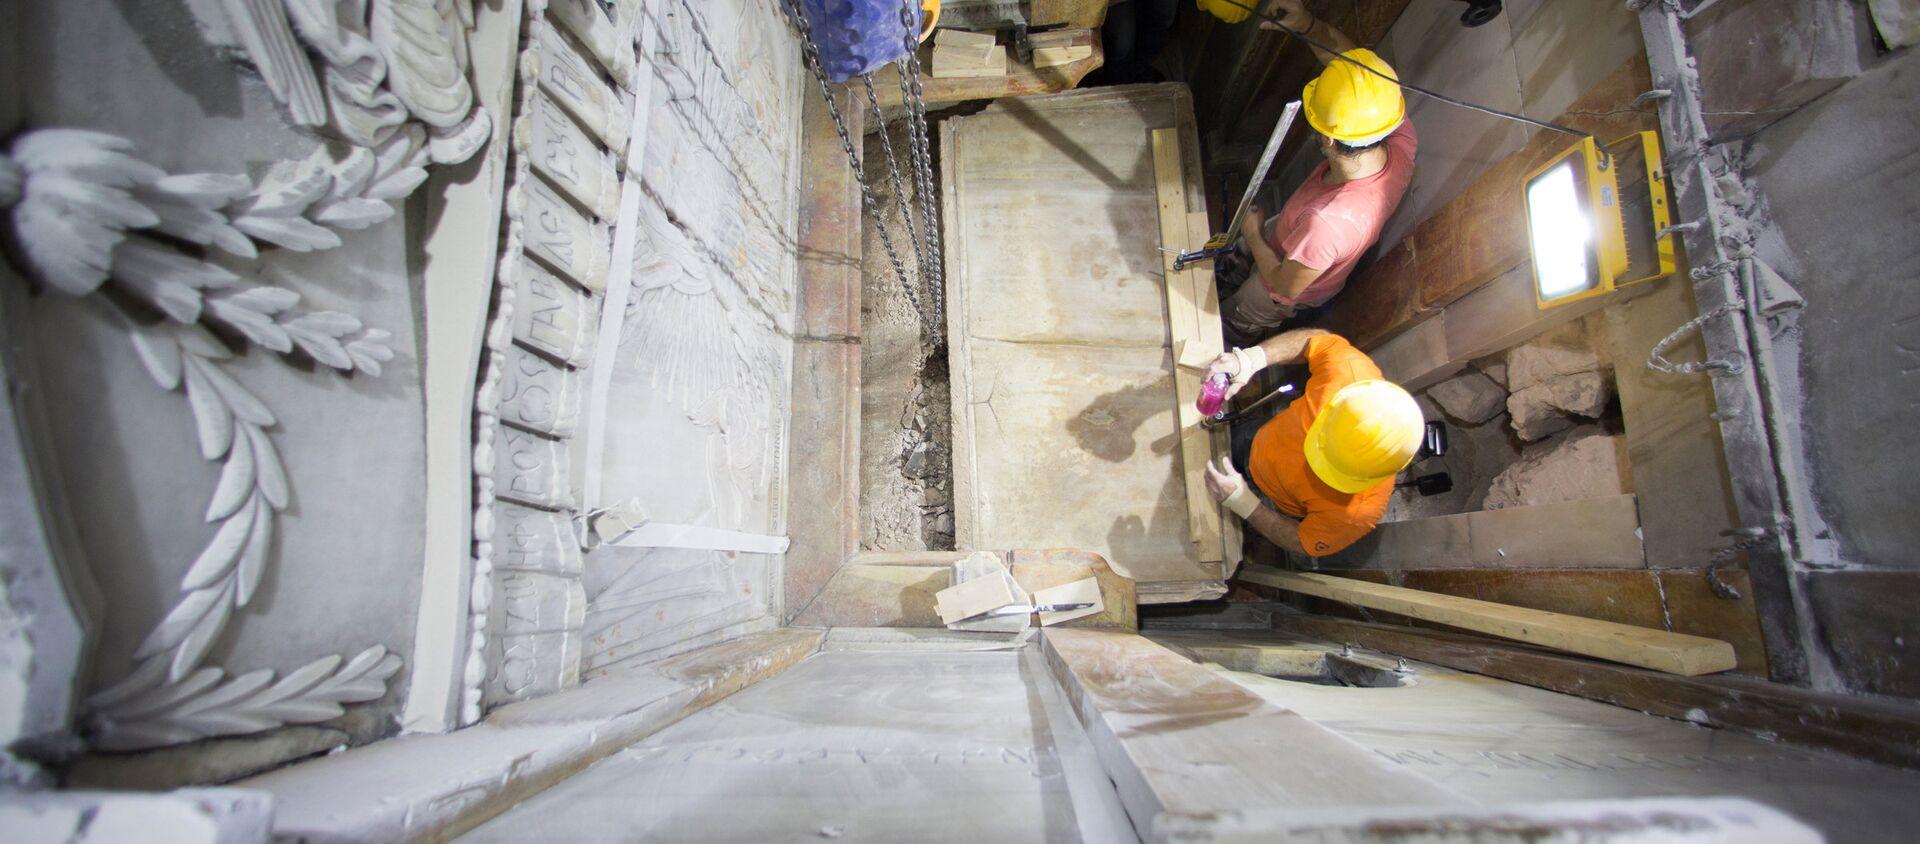 Рабочие удаляют верхний слой мрамора с гробницы Иисуса Христа в храме Гроба Господня в Иерусалиме - Sputnik Абхазия, 1920, 28.10.2016